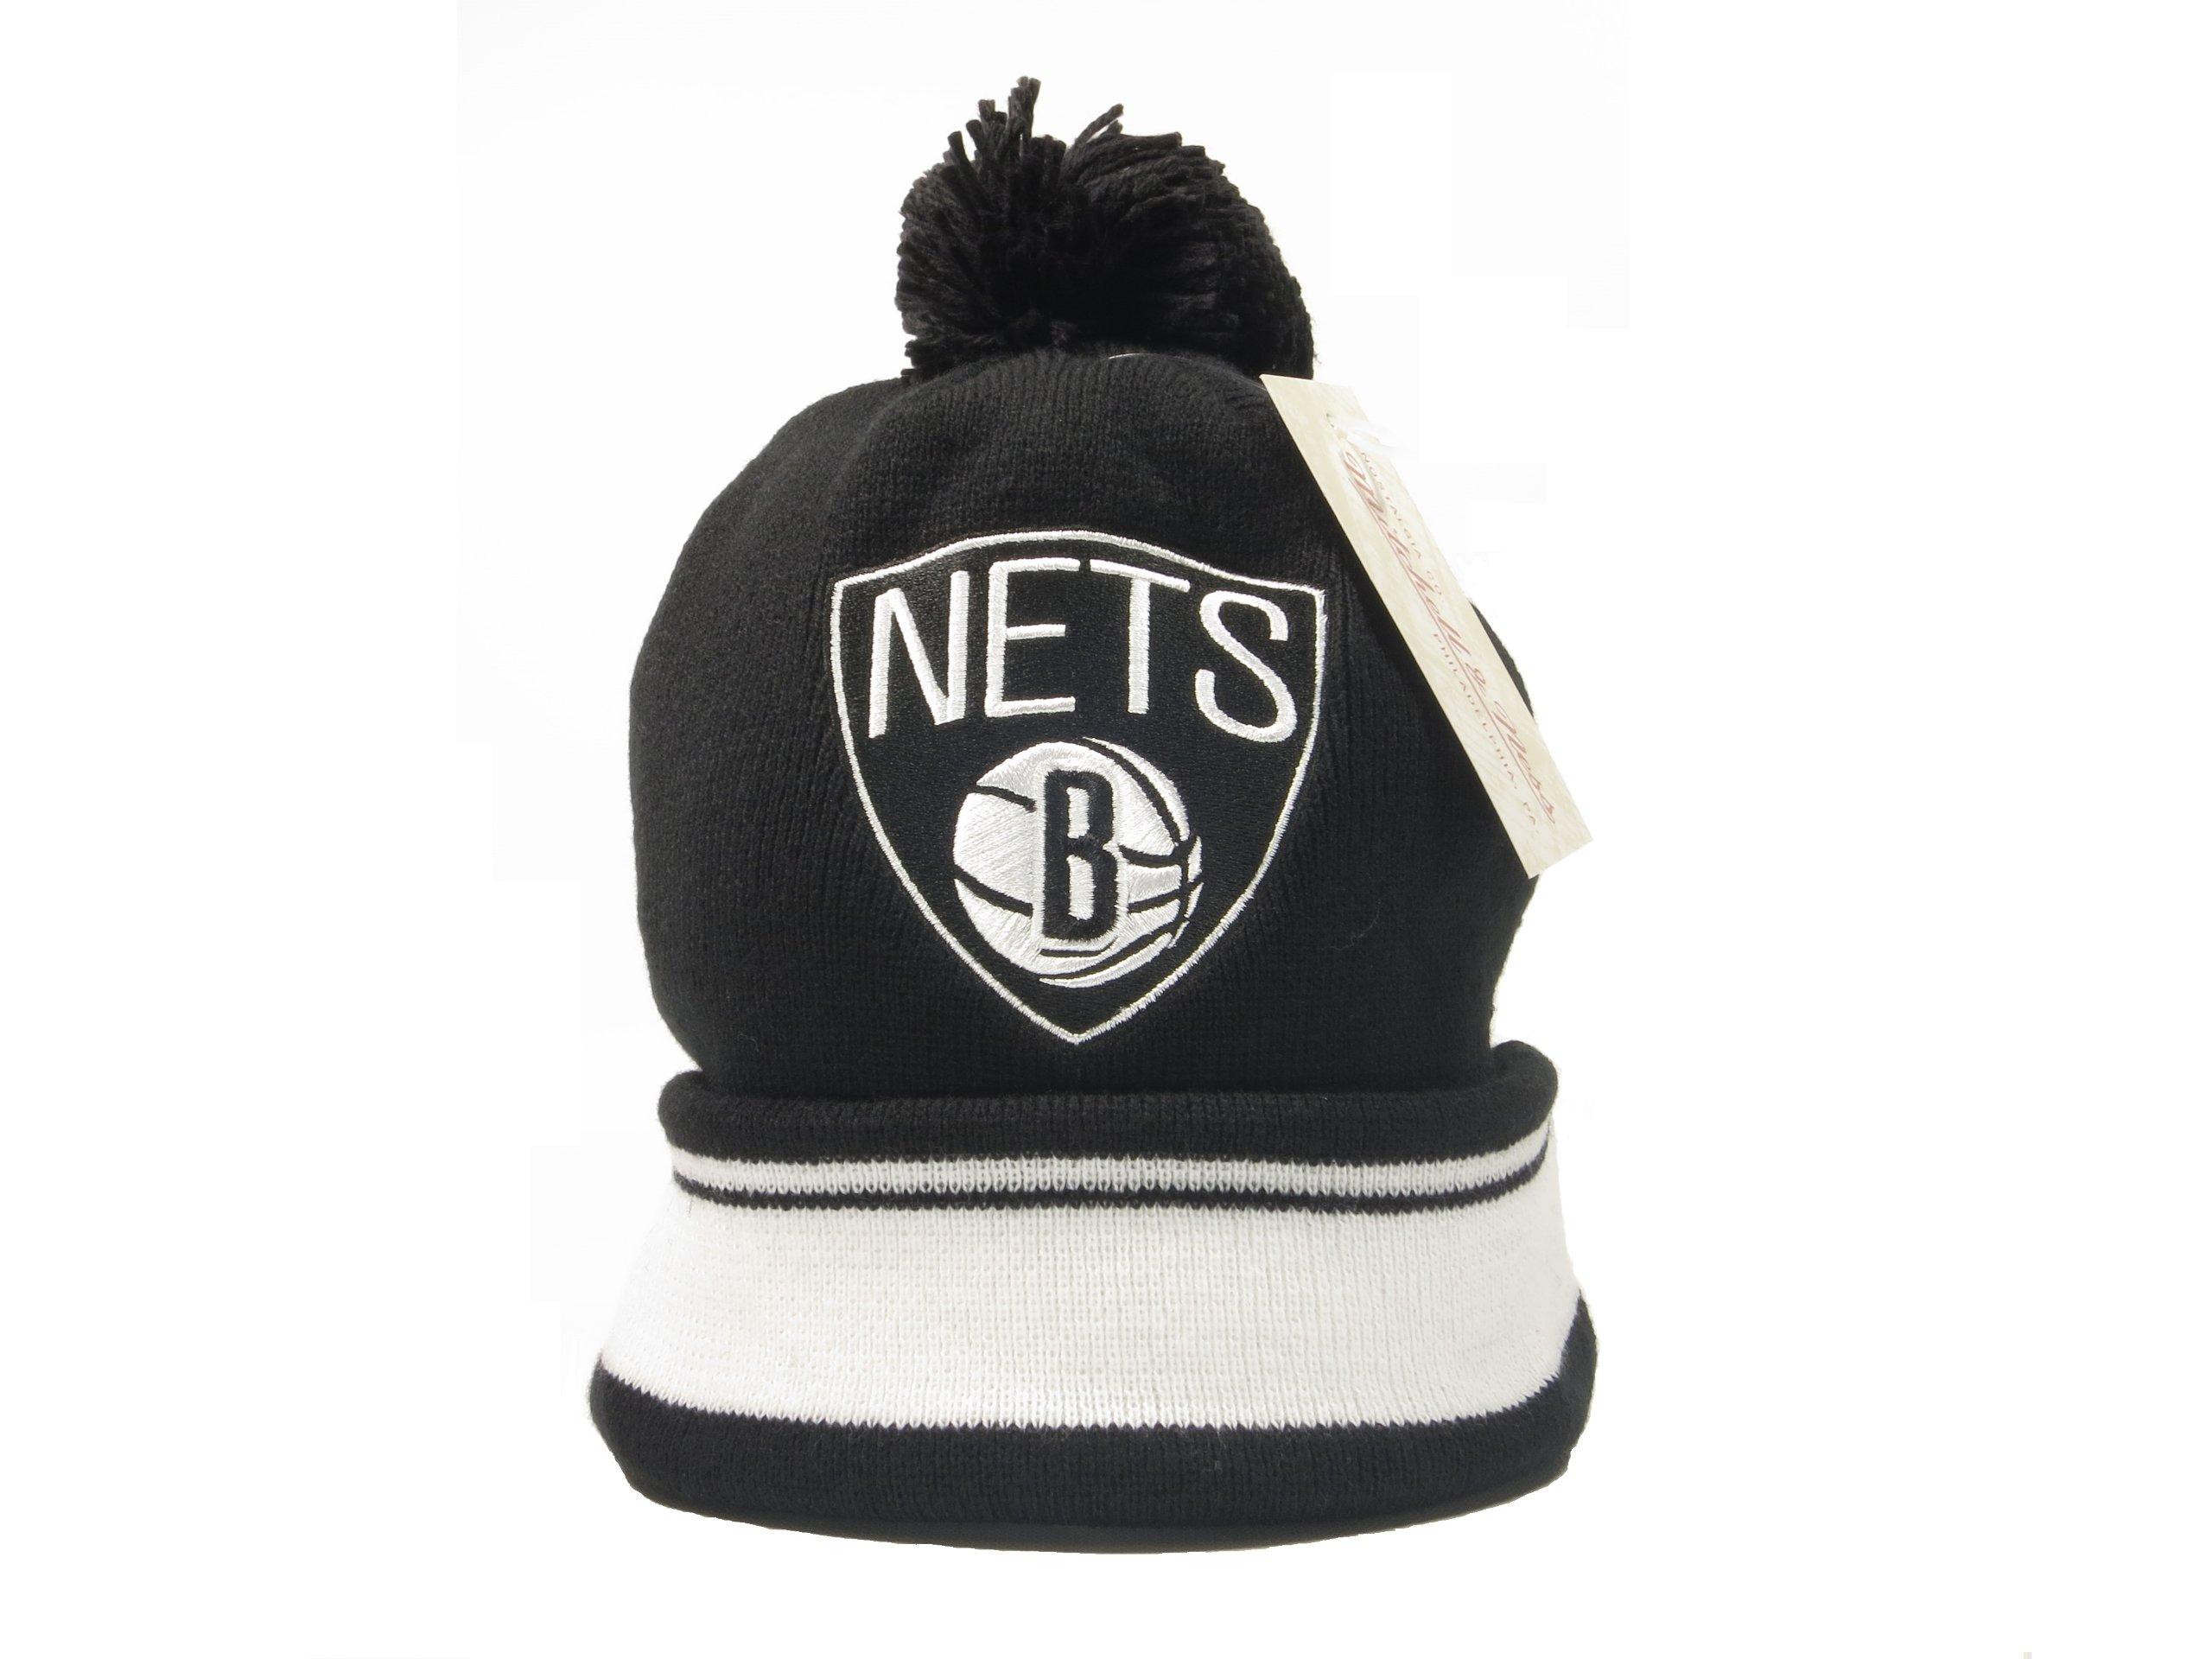 New Mitchell & Ness NBA Brooklyn Nets Cuffed Pom Knit Beanie